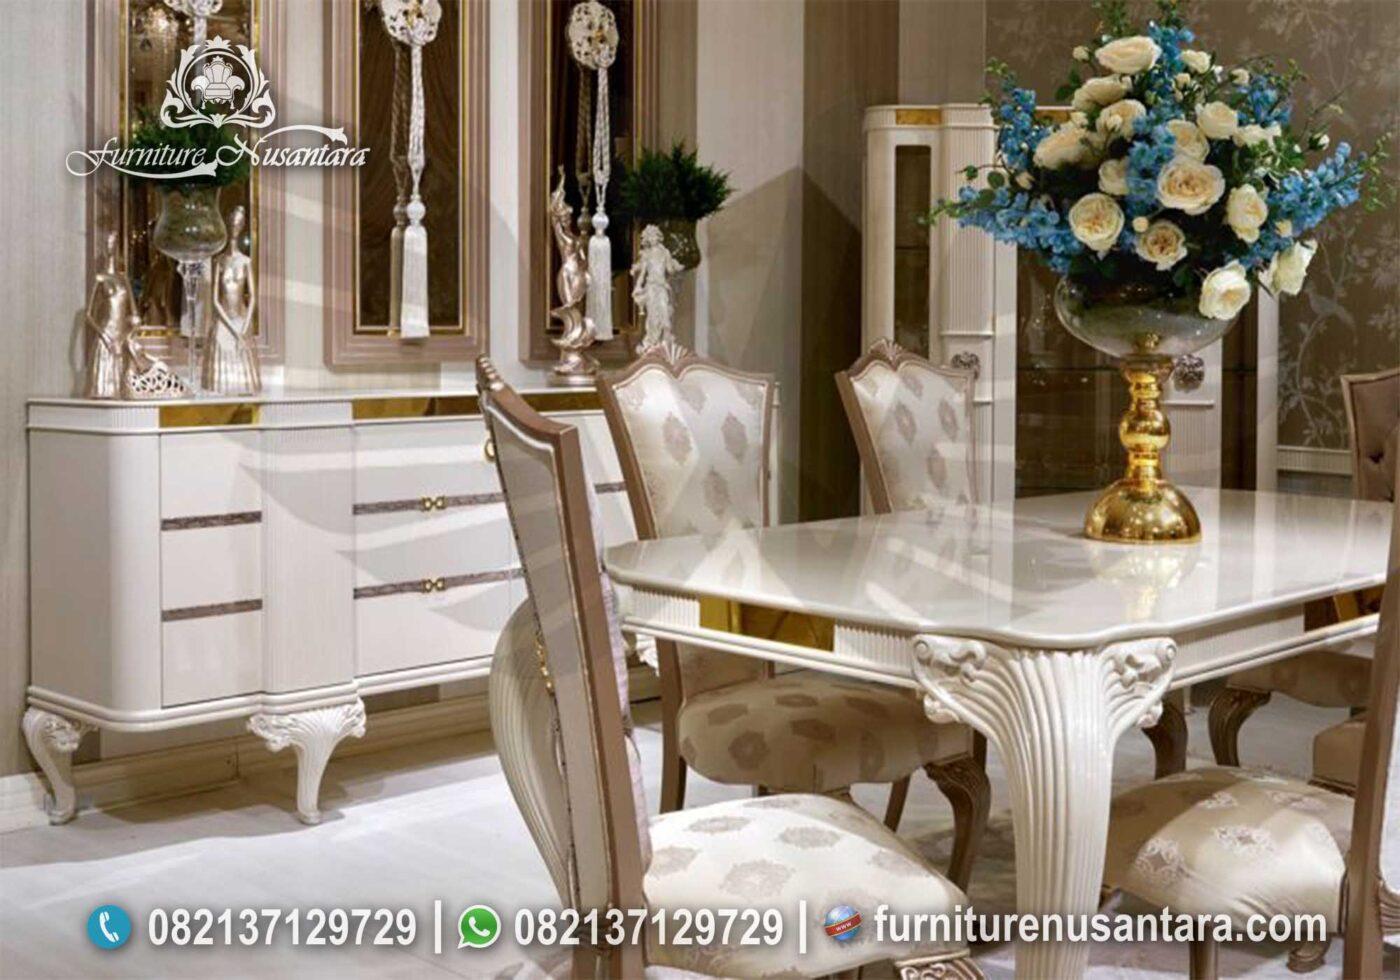 Desain Meja Makan Klasik Terbaru MM-01, Furniture Nusantara